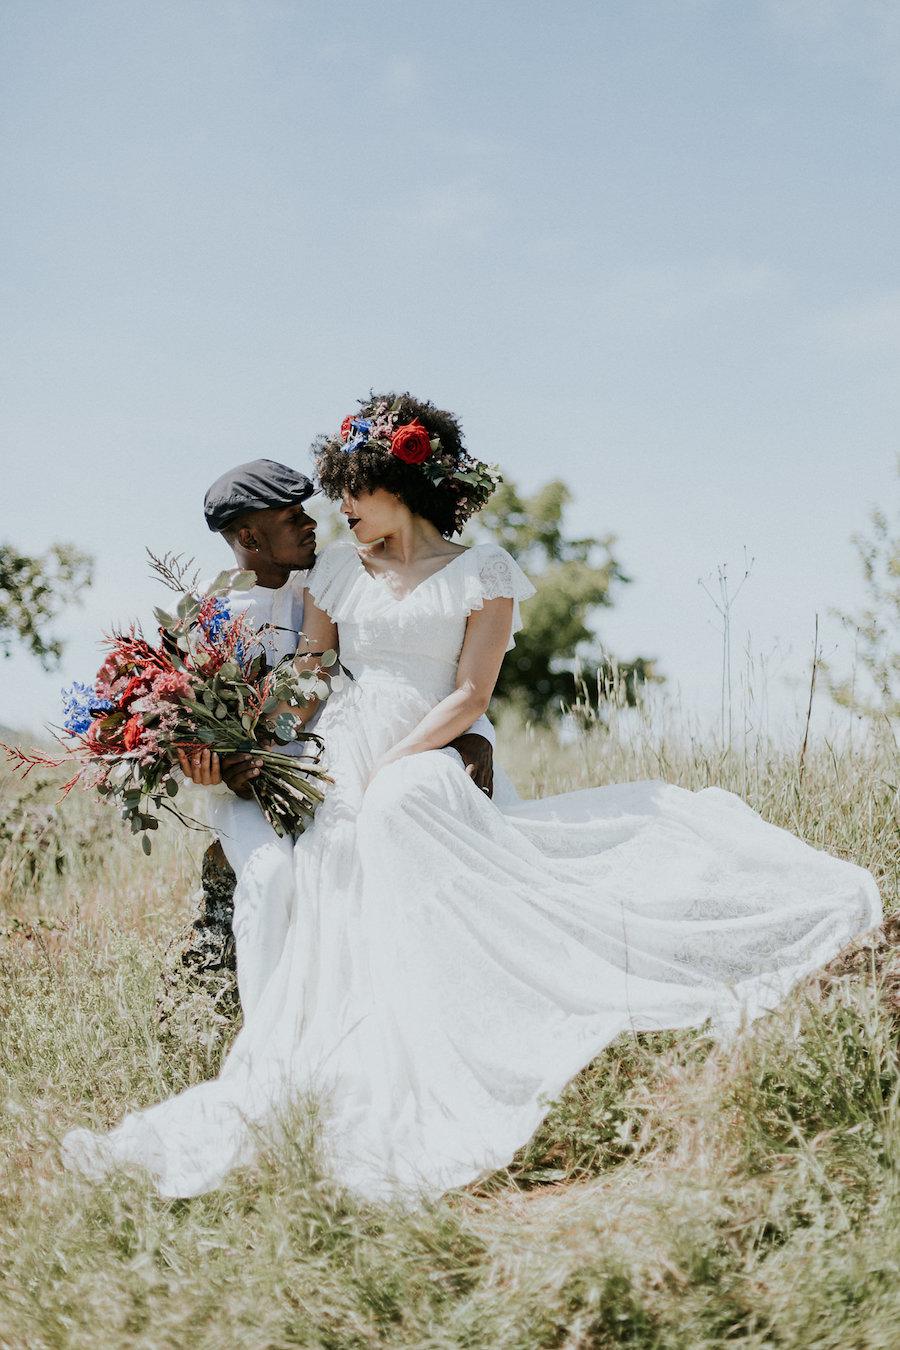 Matrimonio Bohemien Xl : Ispirazione boho in montagna wedding wonderland